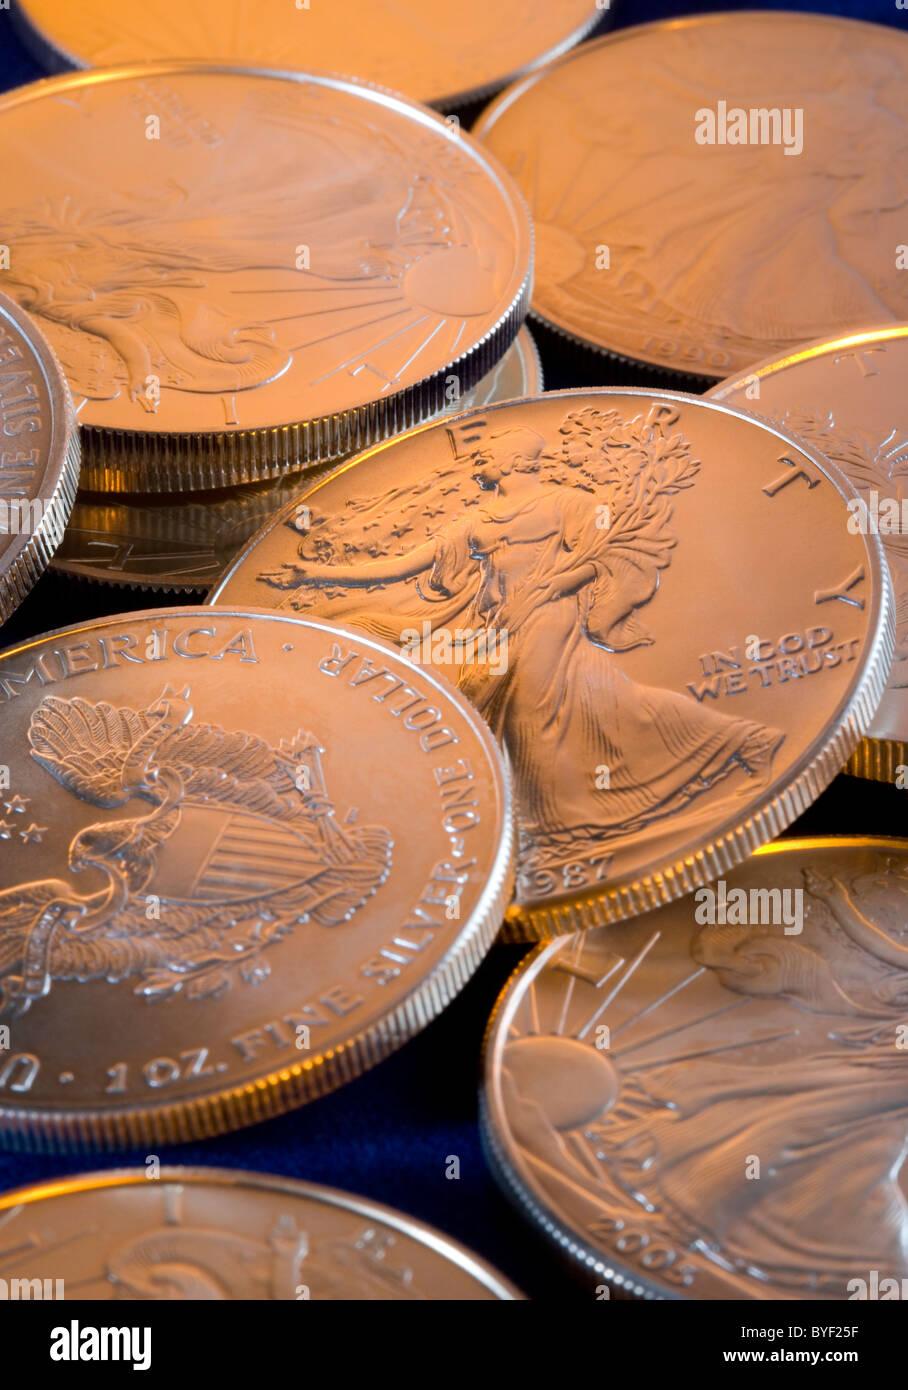 Mehrere 1 Unze Münzen uns Silber Eagle Anlagemünzen Stockbild